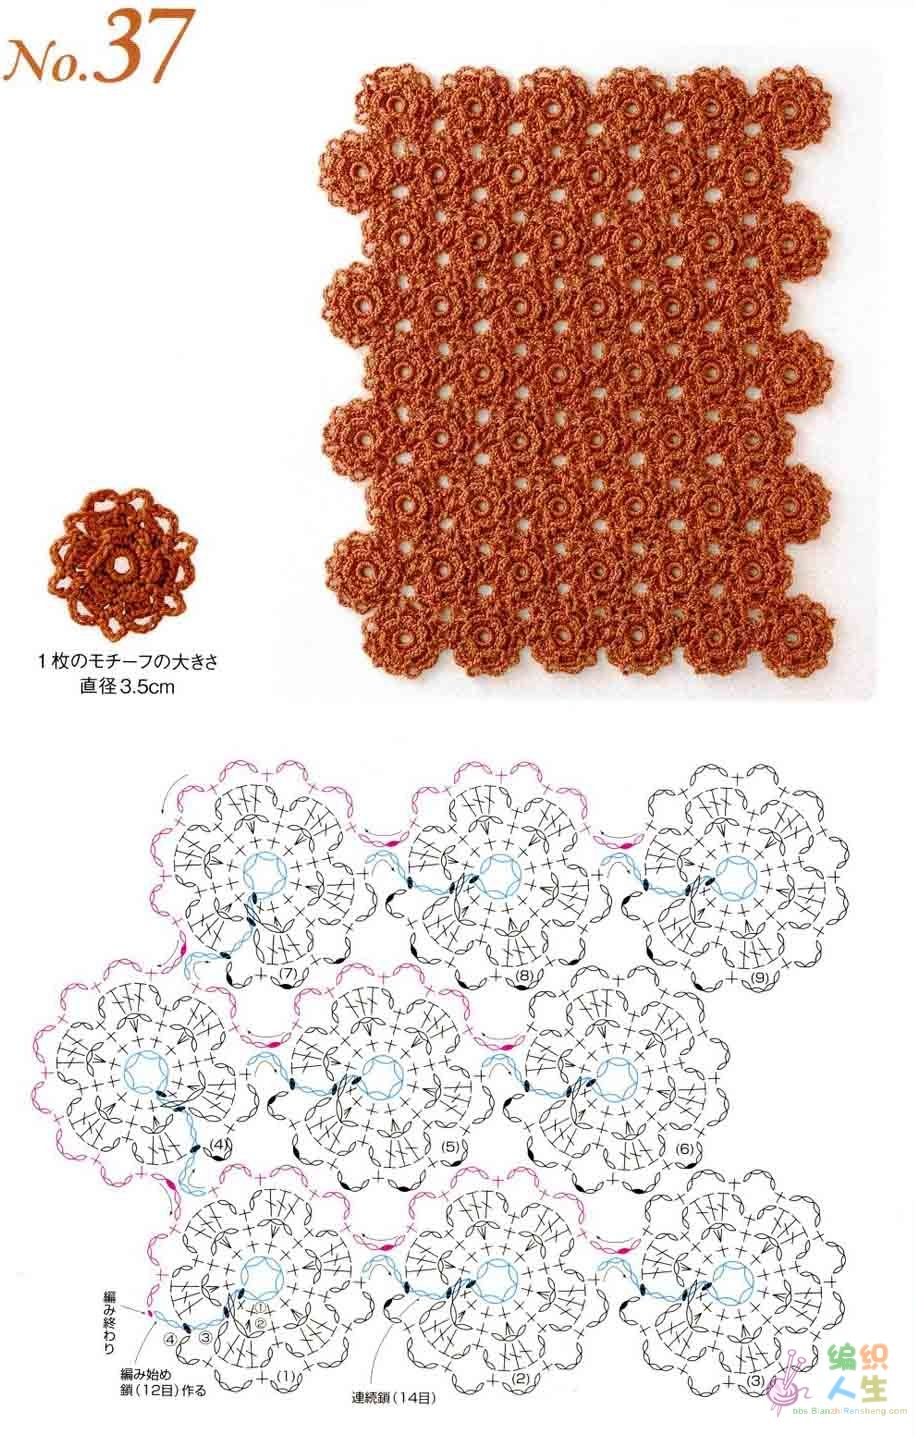 Clases de Puntos y Patrones. Libros - Patrones Crochet | безотрывное ...